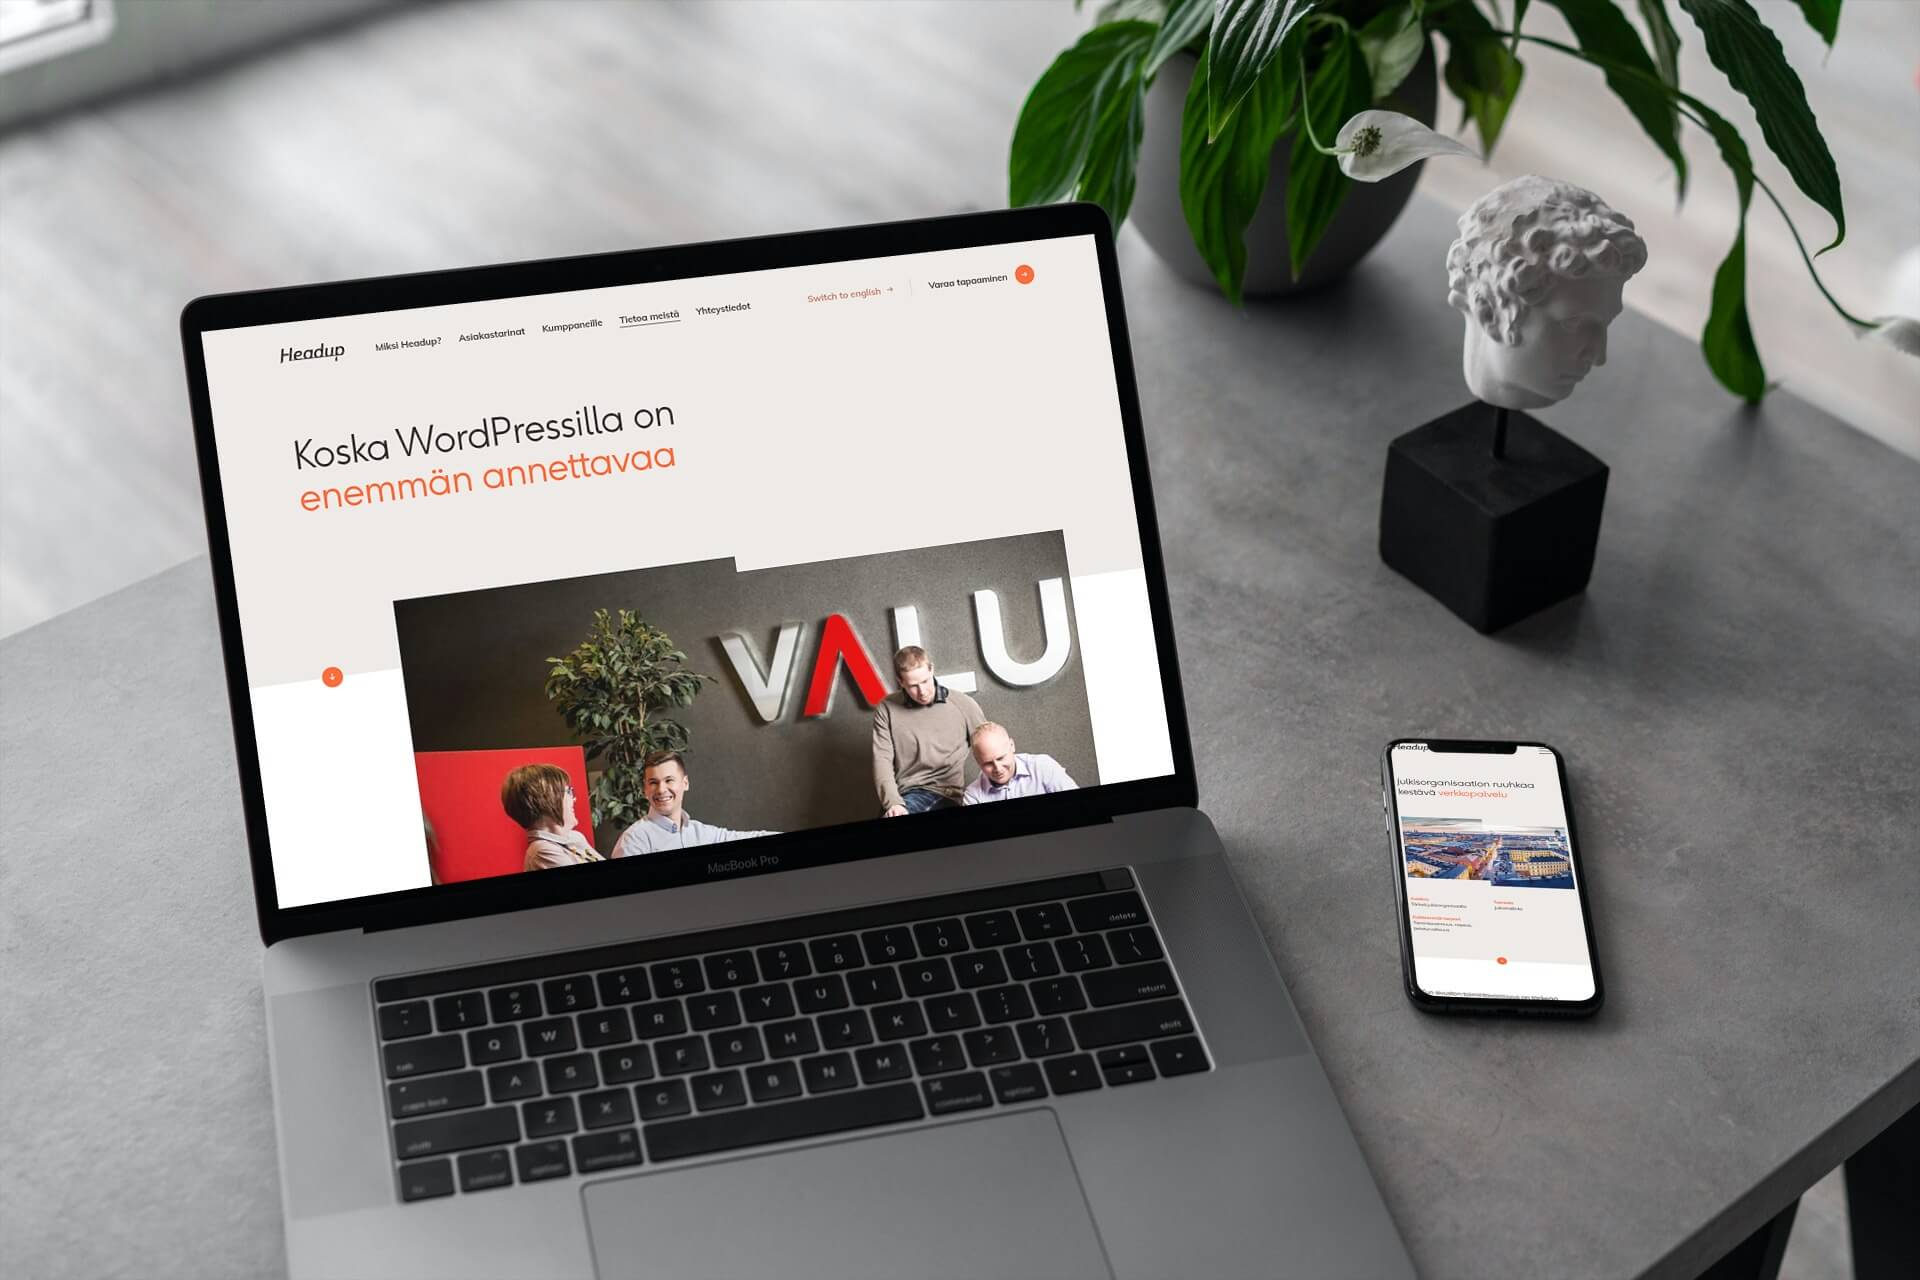 Headup verkkosivut läppärillä ja mobiilissa